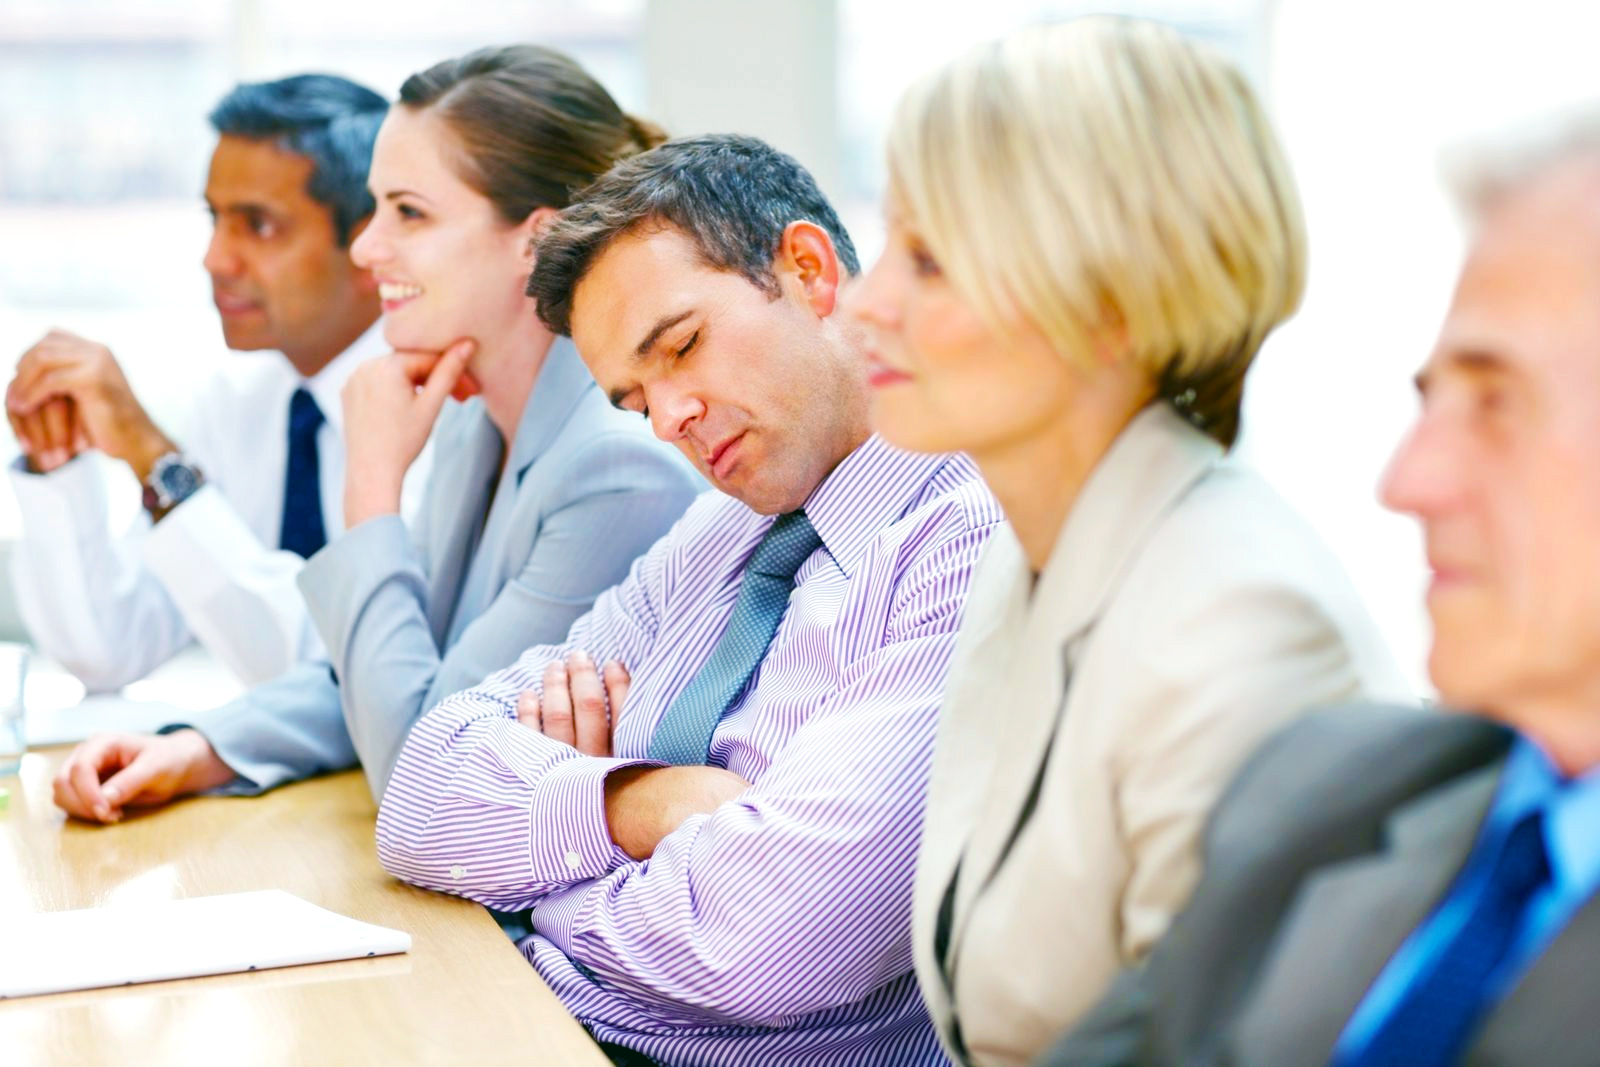 Симптомы нарколепсии: мужчина спит на совещании компании в офисе.